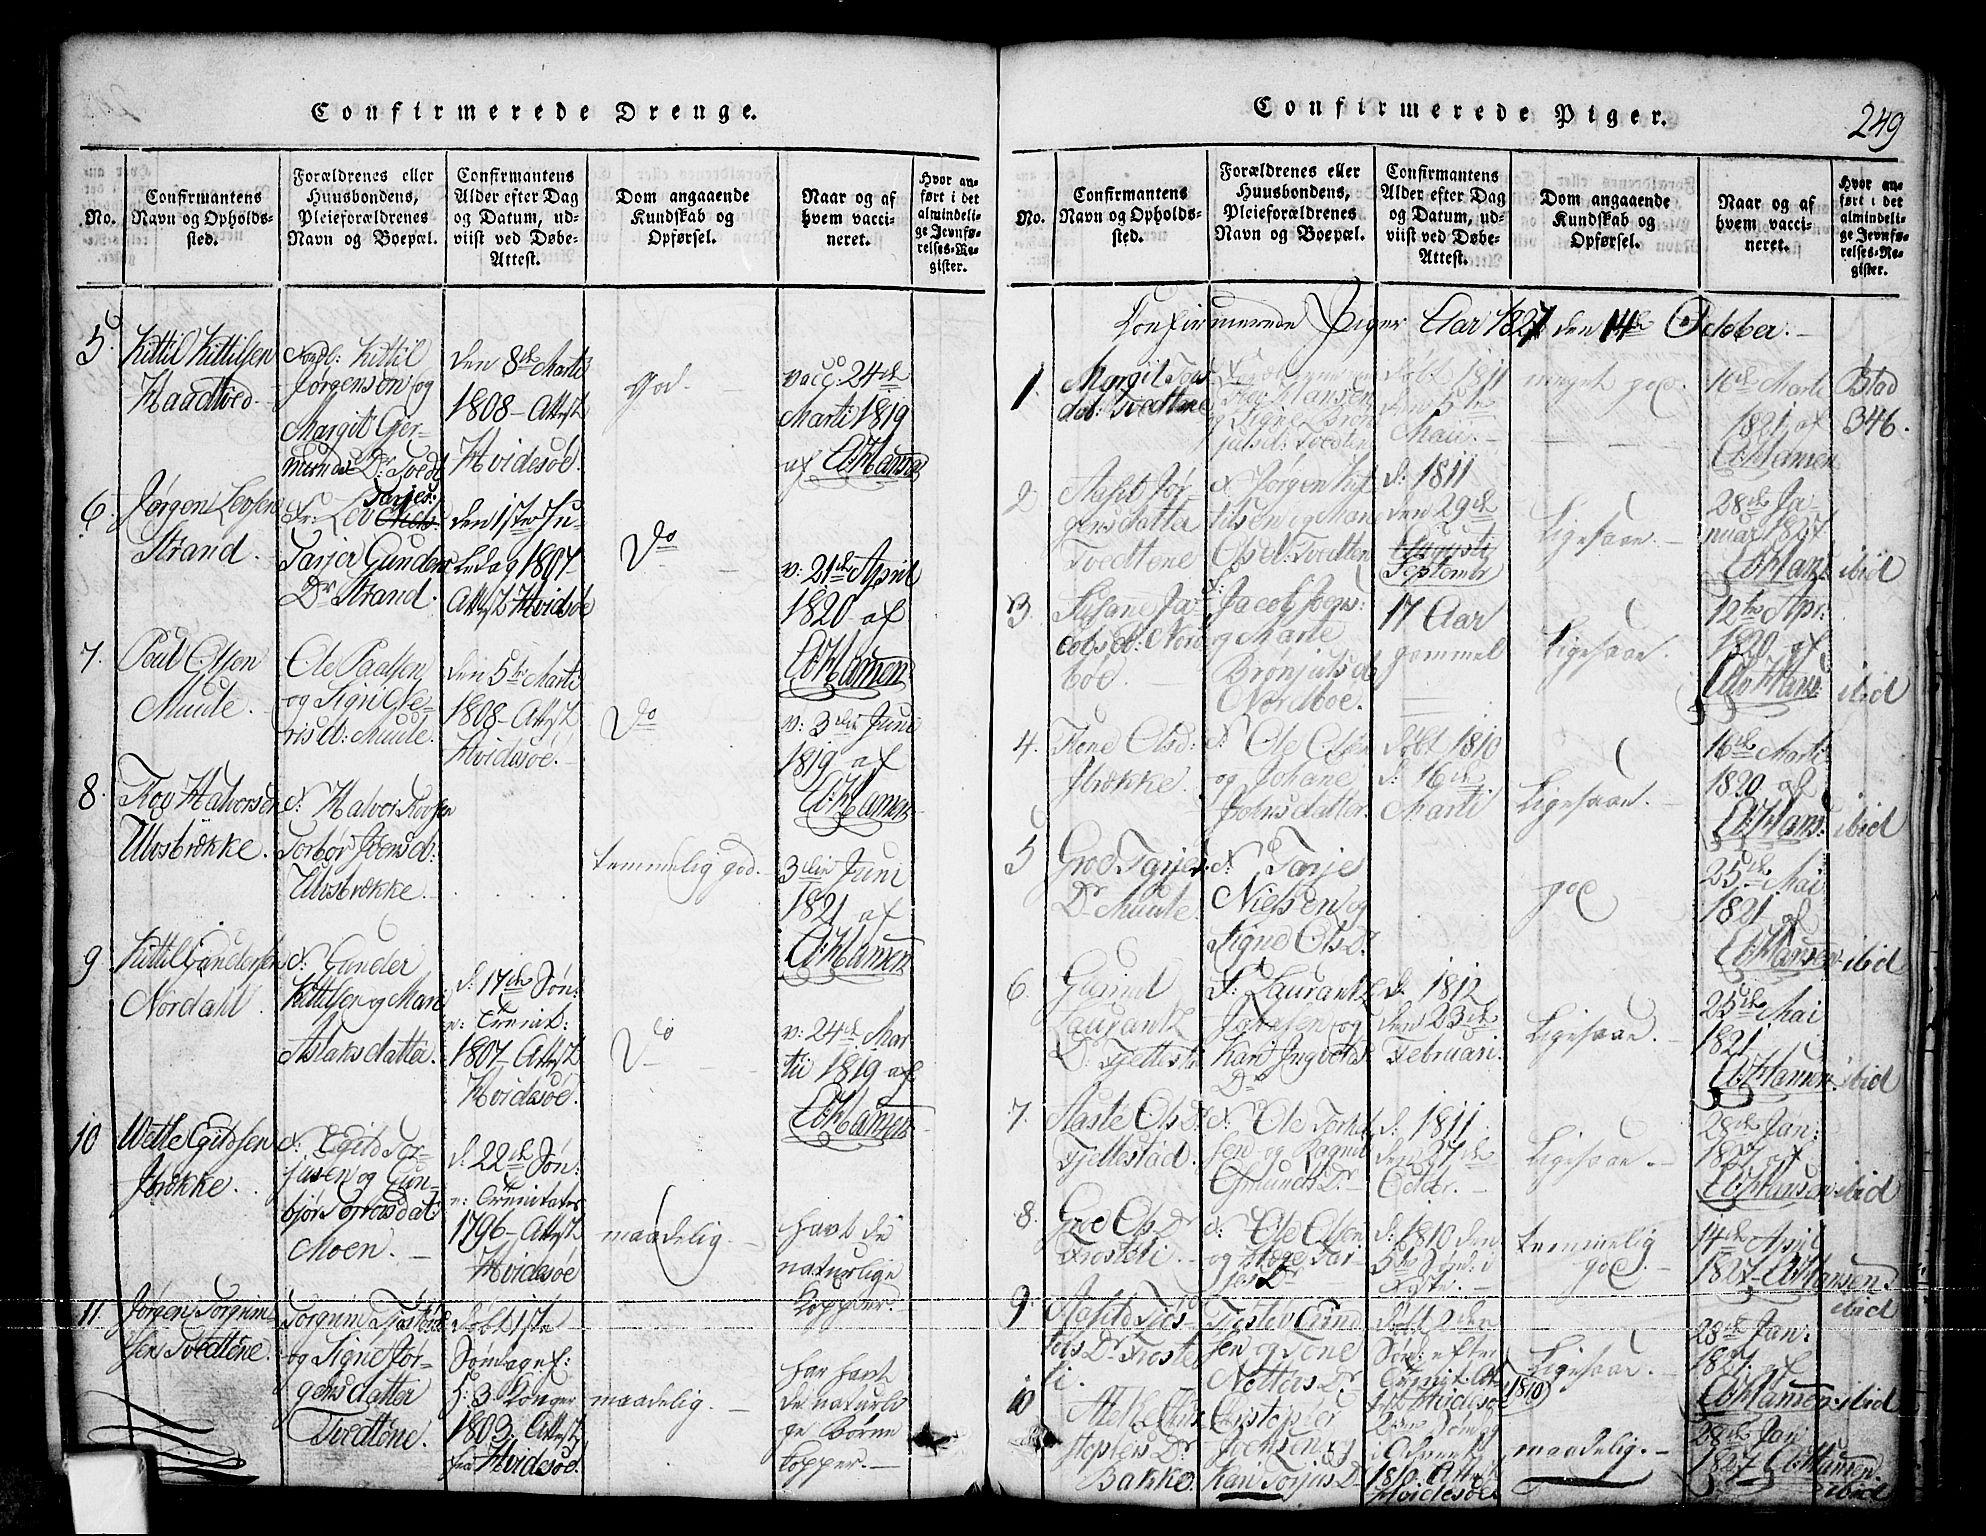 SAKO, Nissedal kirkebøker, G/Ga/L0001: Klokkerbok nr. I 1, 1814-1860, s. 249